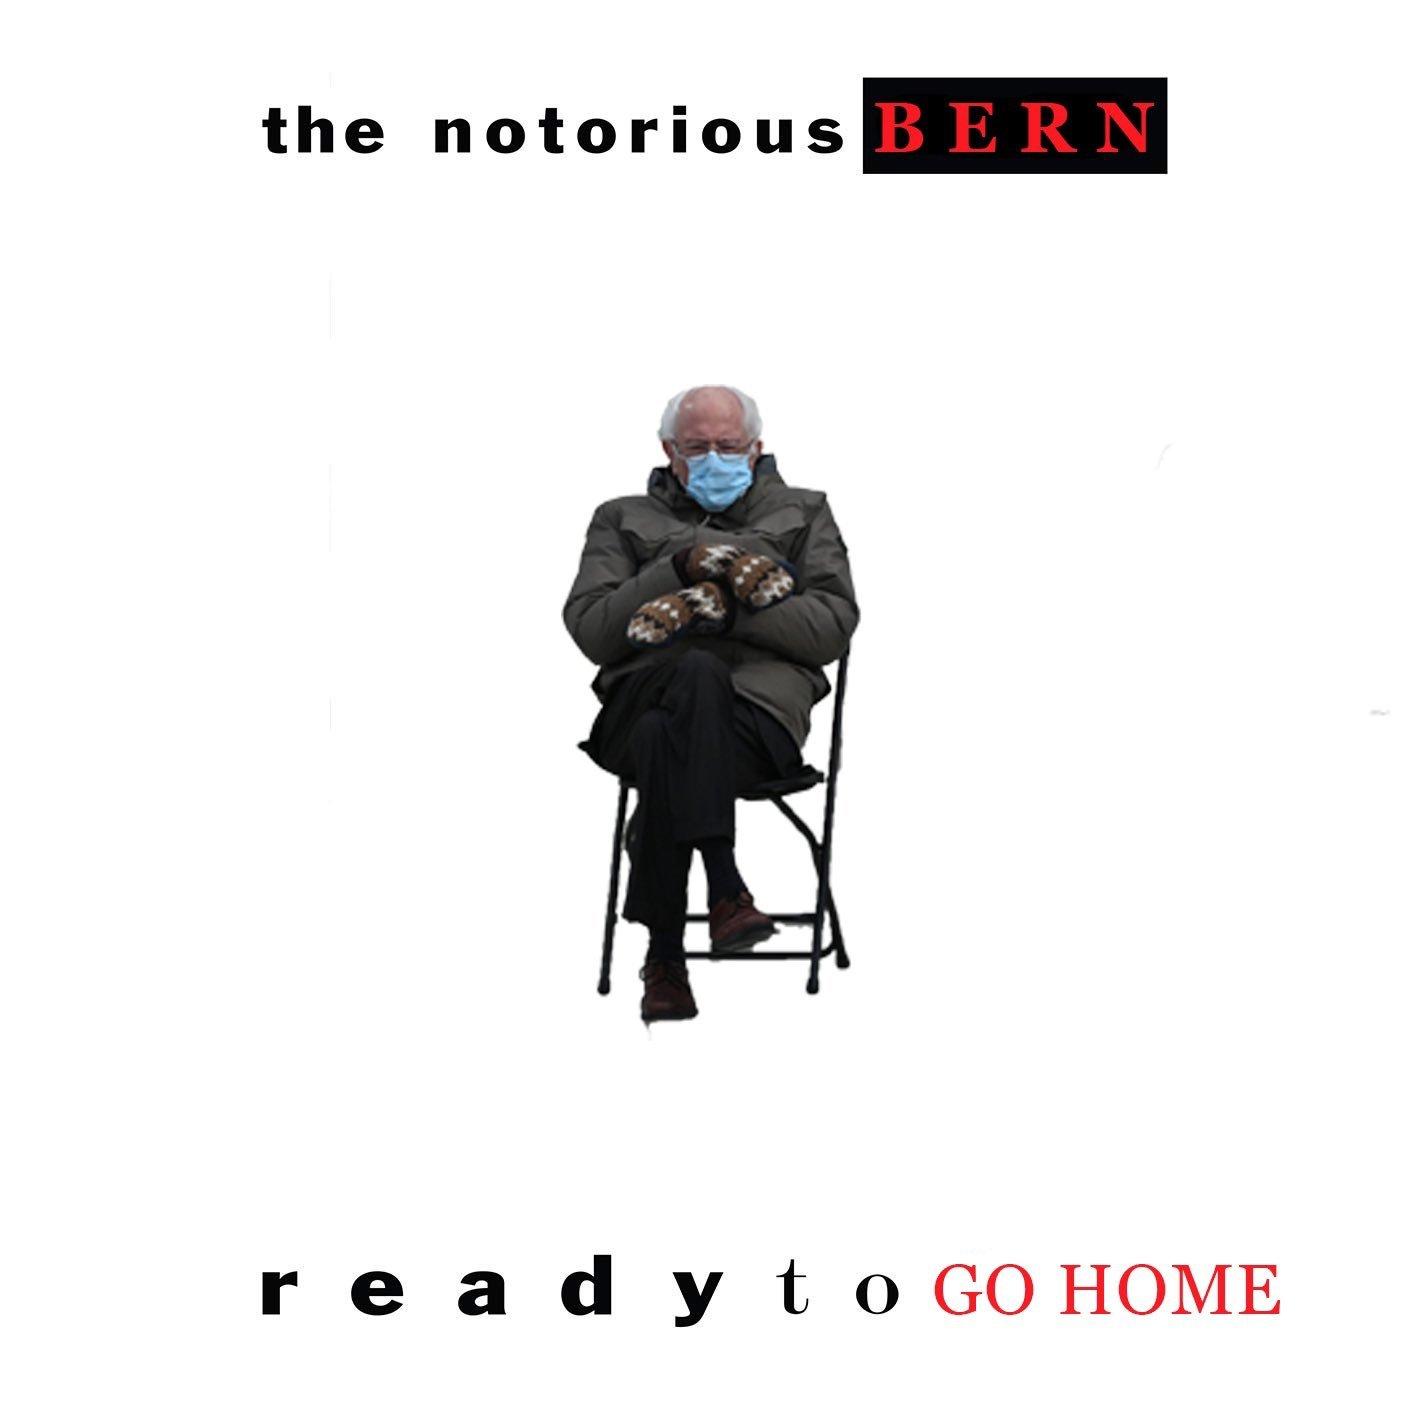 The notorious Bern Bernie Sanders meme